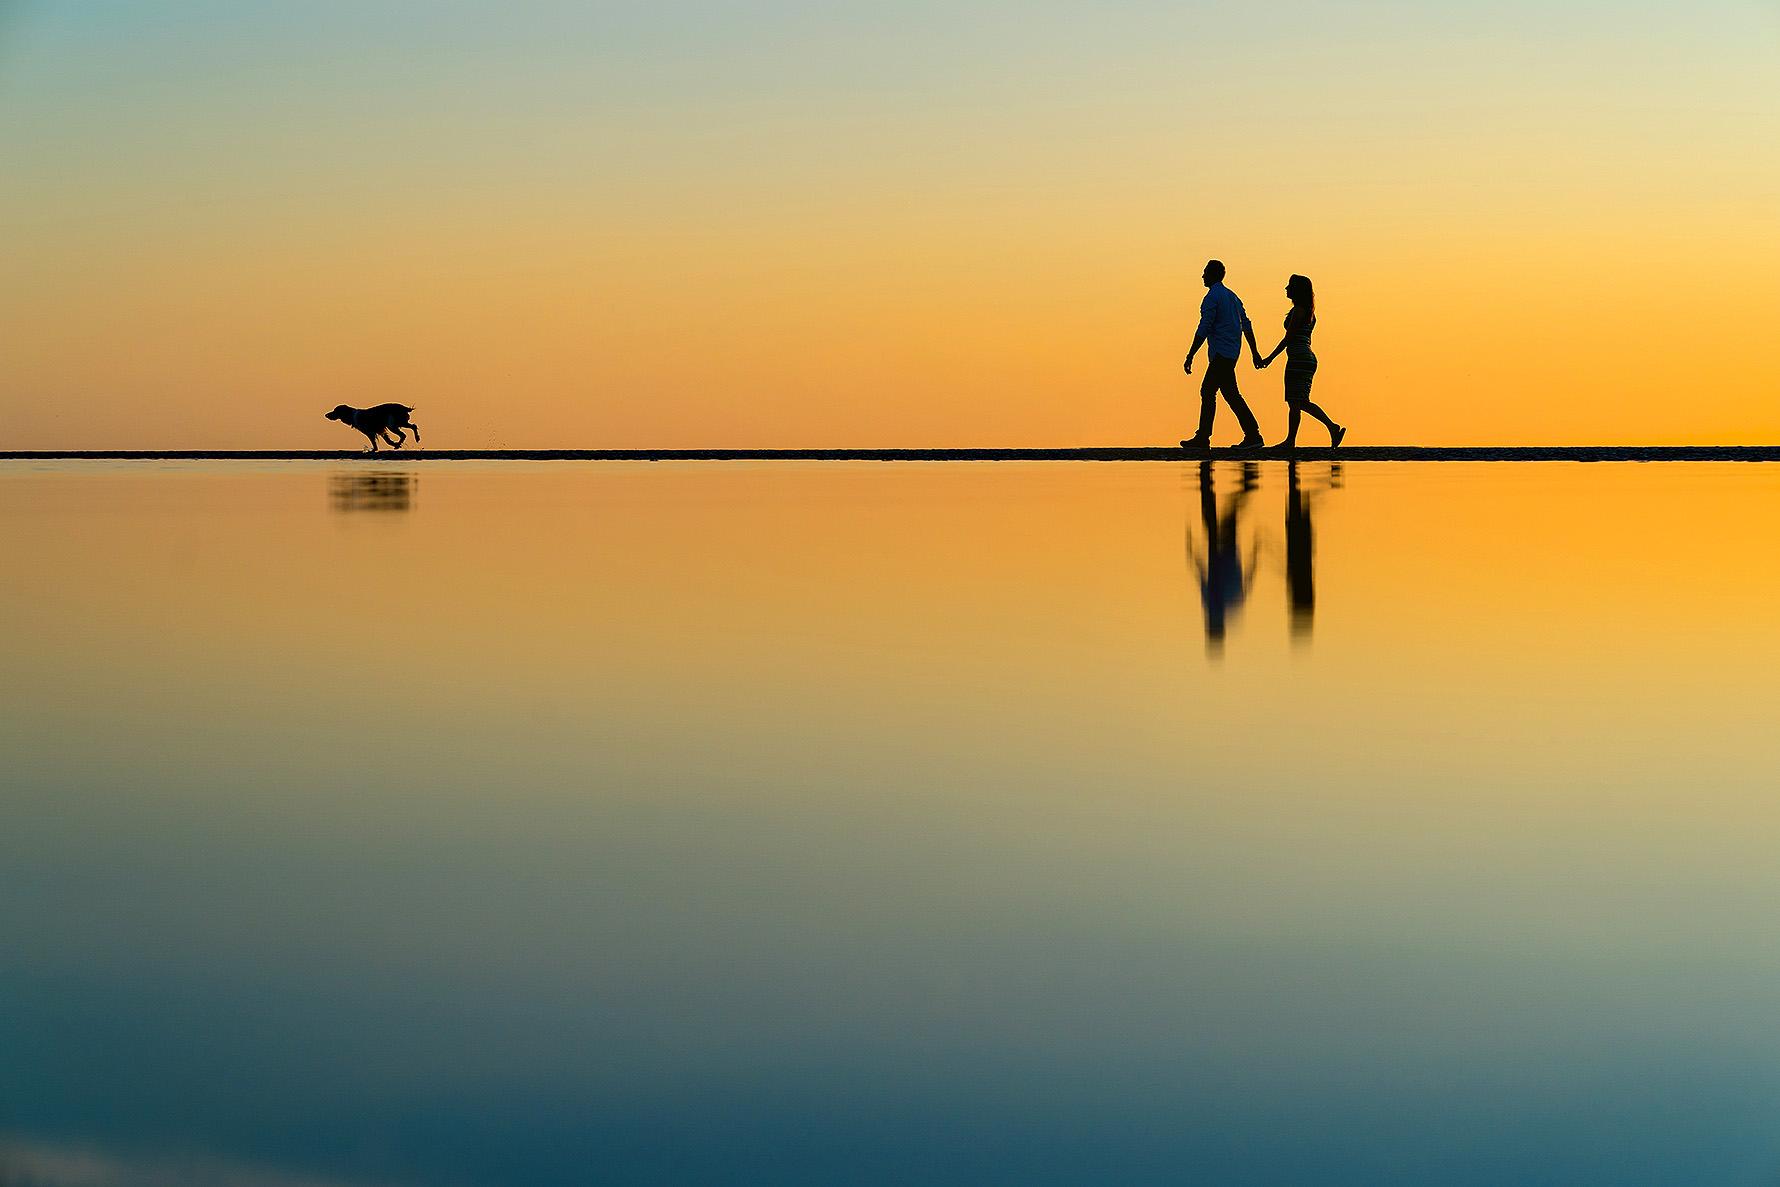 sony-a9-flip-screen-in-water-beach